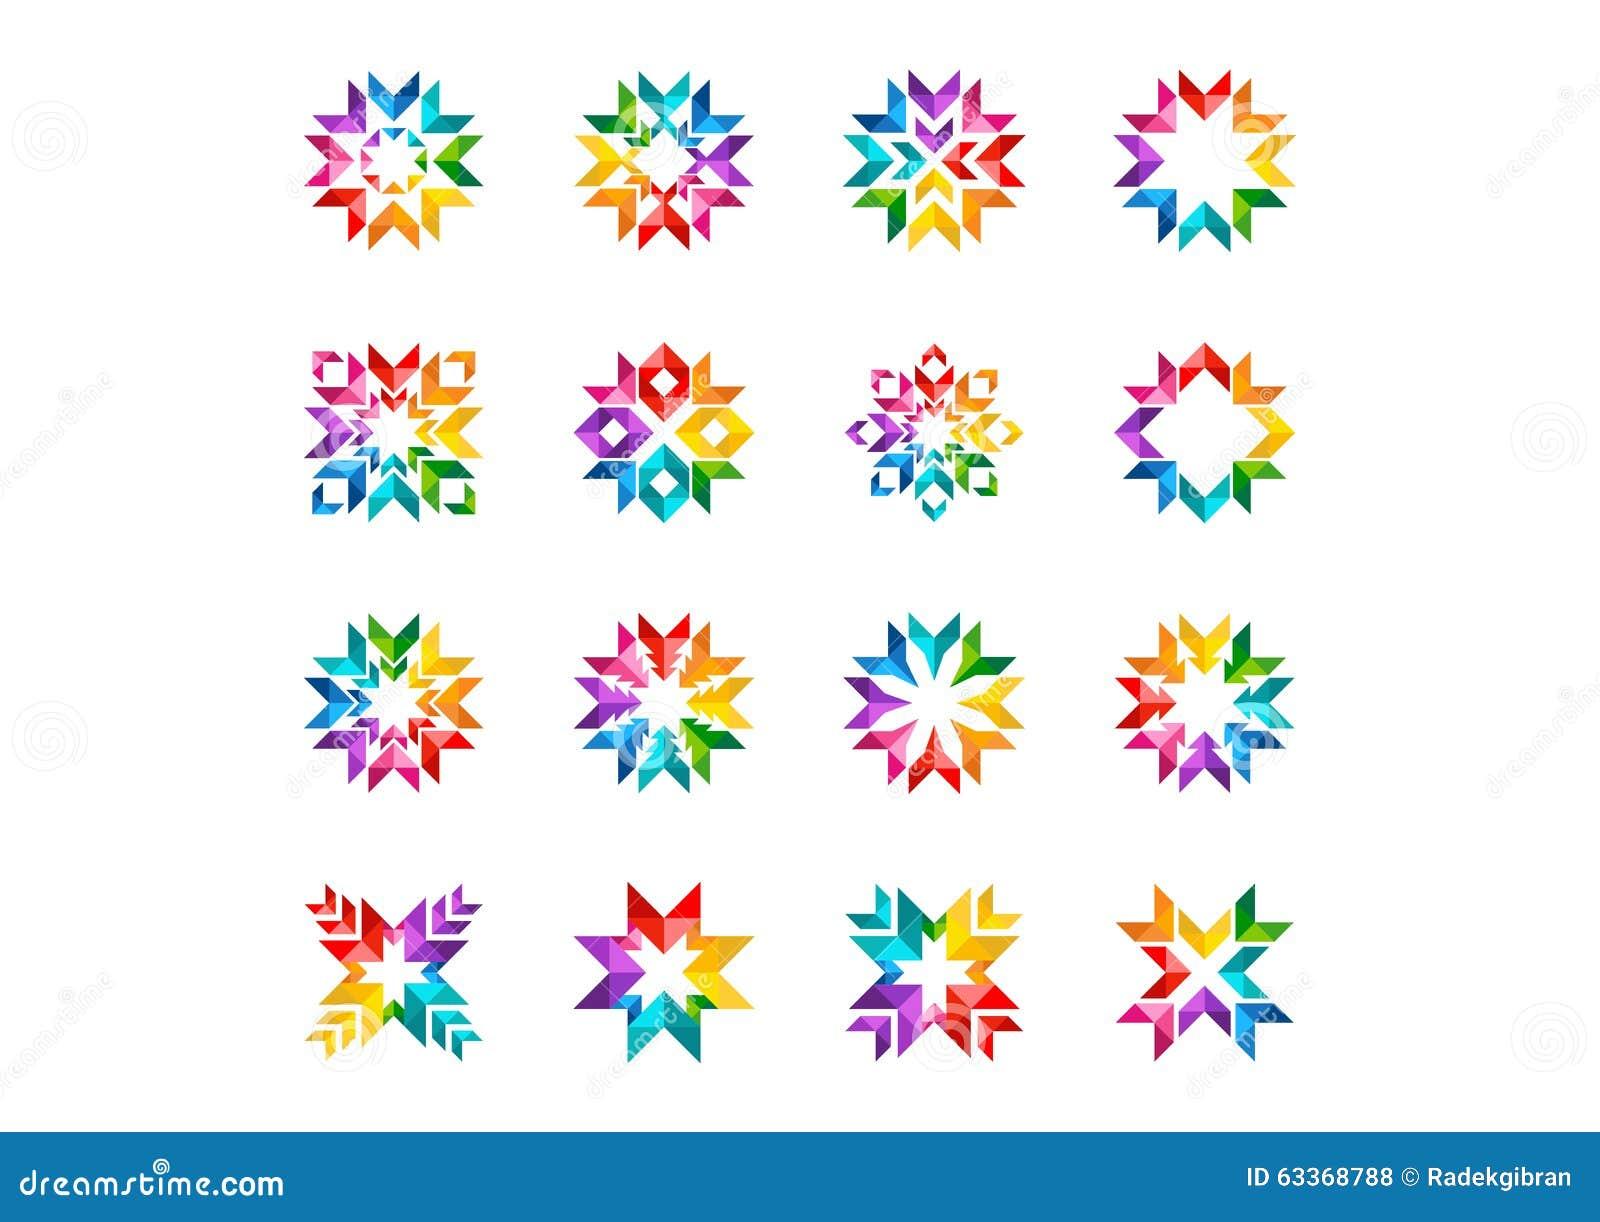 O logotipo moderno abstrato do círculo, o arco-íris, as setas, os elementos, floral, grupo de estrelas redondas e vetor do ícone